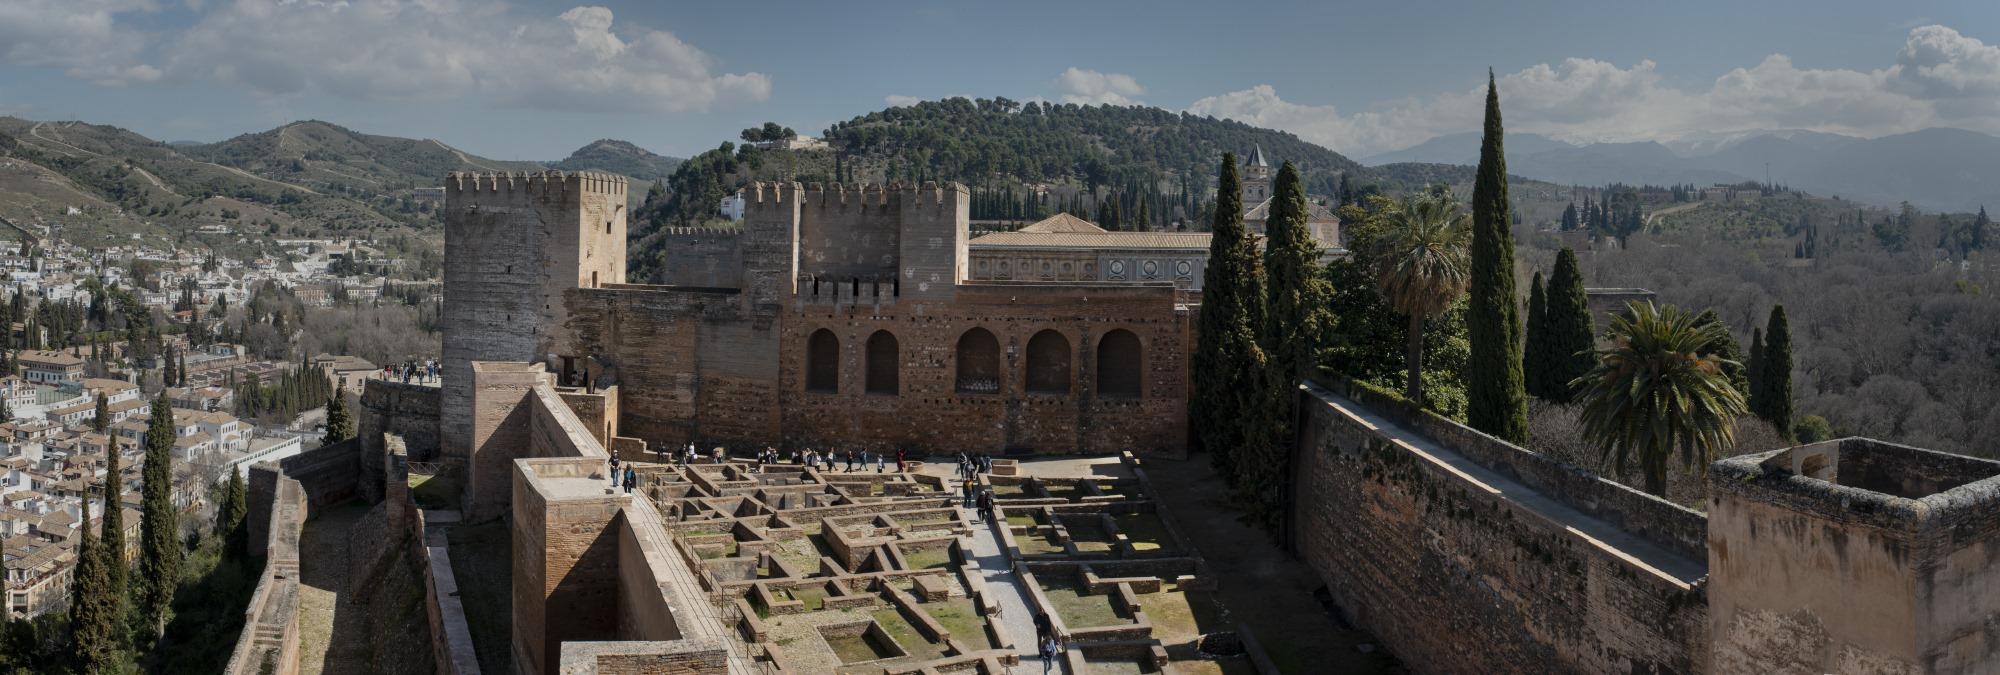 21 cosas que no sabías de la Alhambra (Granada)